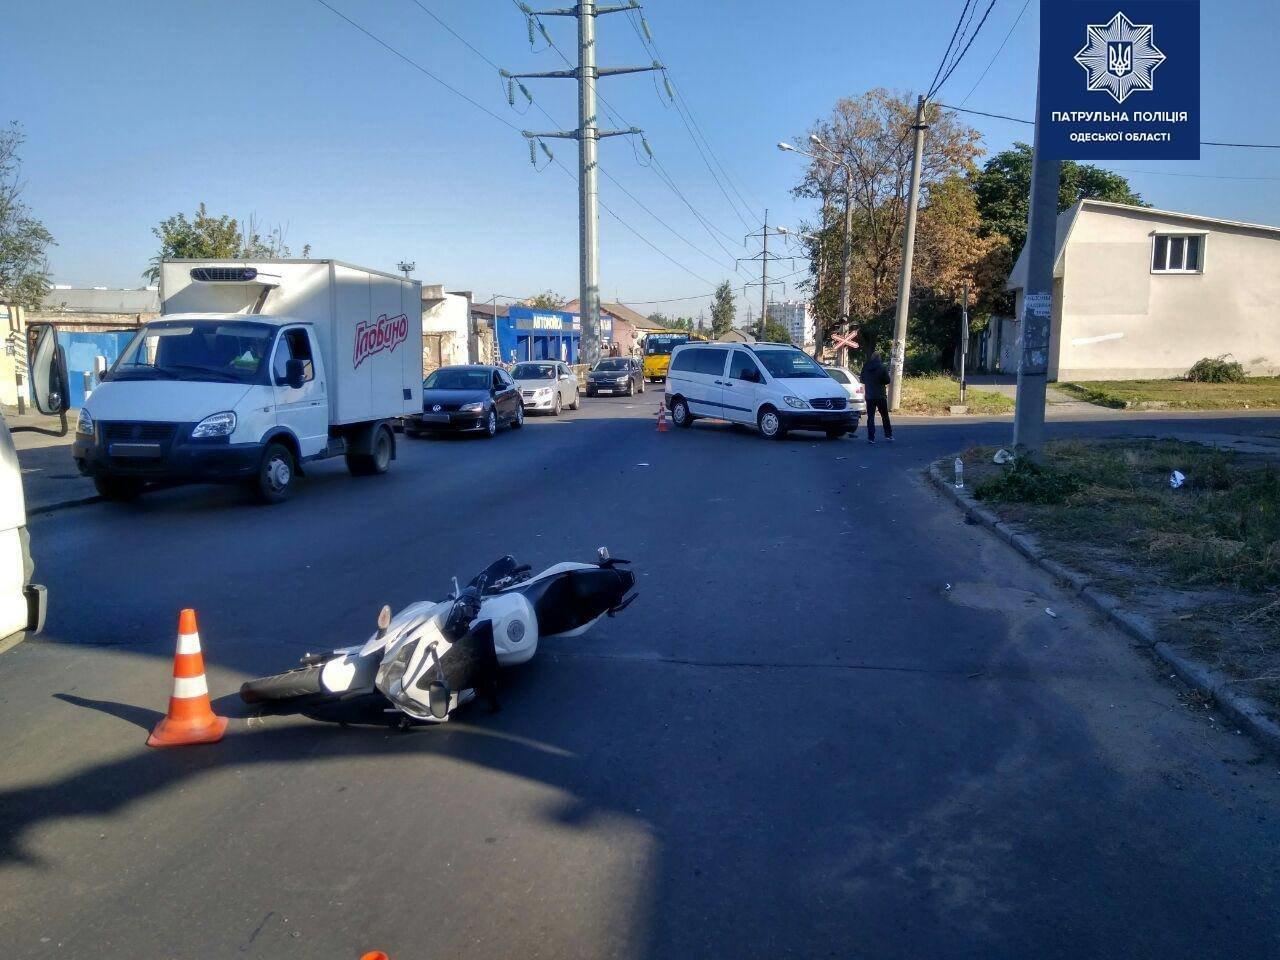 Утром в Одессе произошло ДТП с участием мотоцикла, есть пострадавший, - ФОТО, фото-1